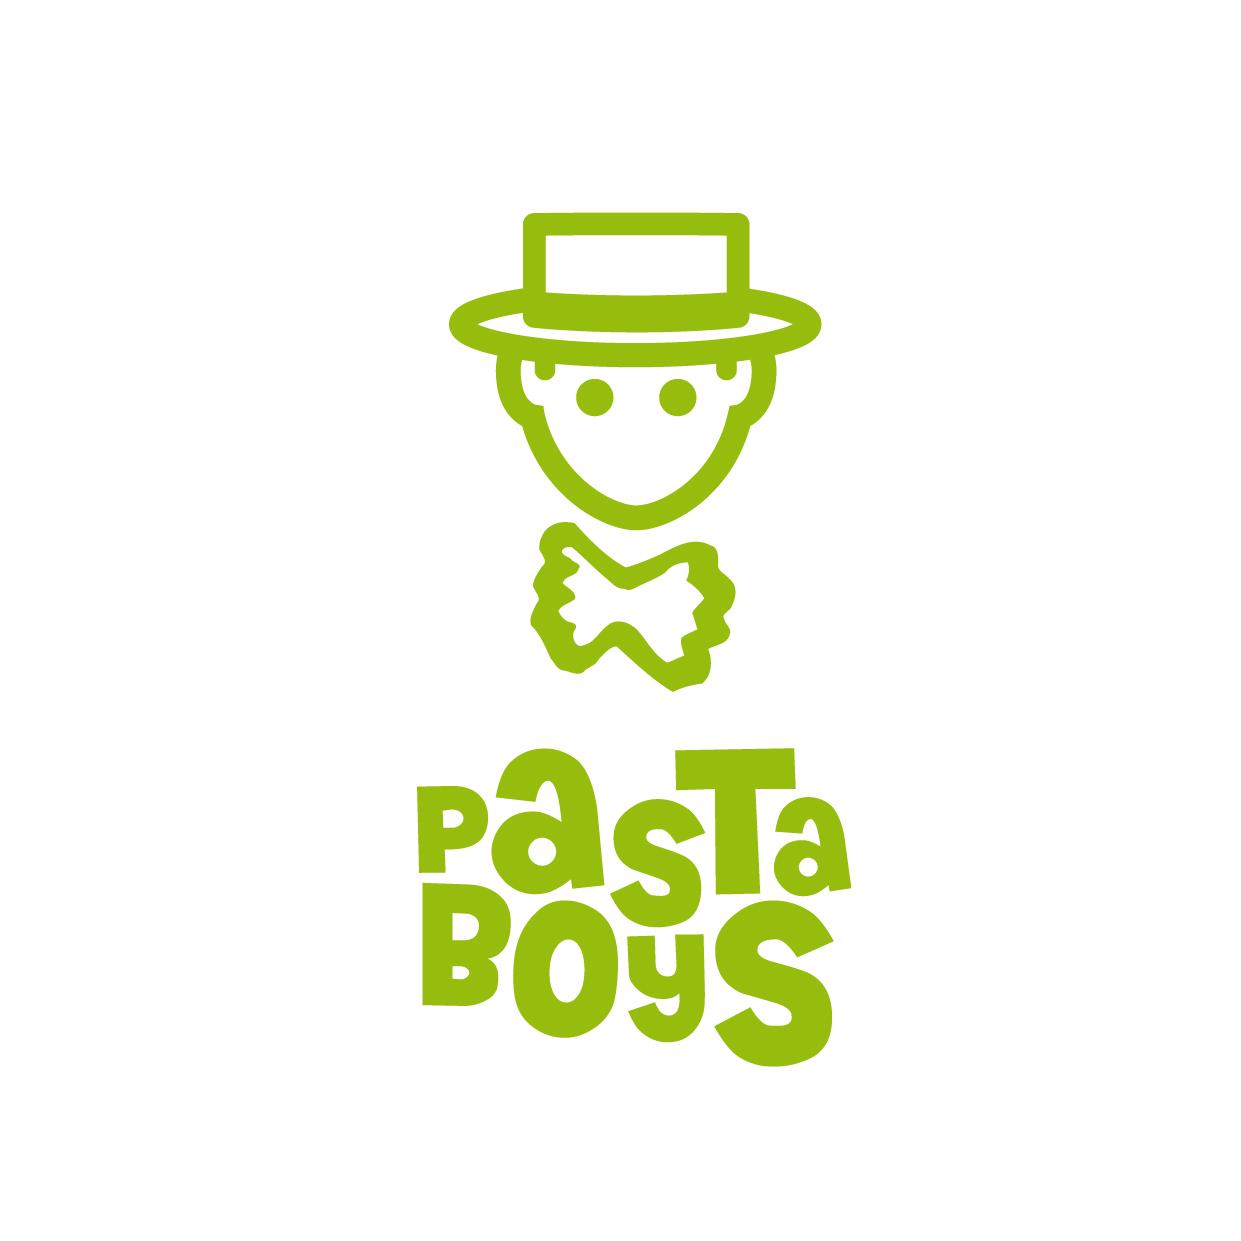 Logo_PastaBoys_Zeichenfläche 1.jpg